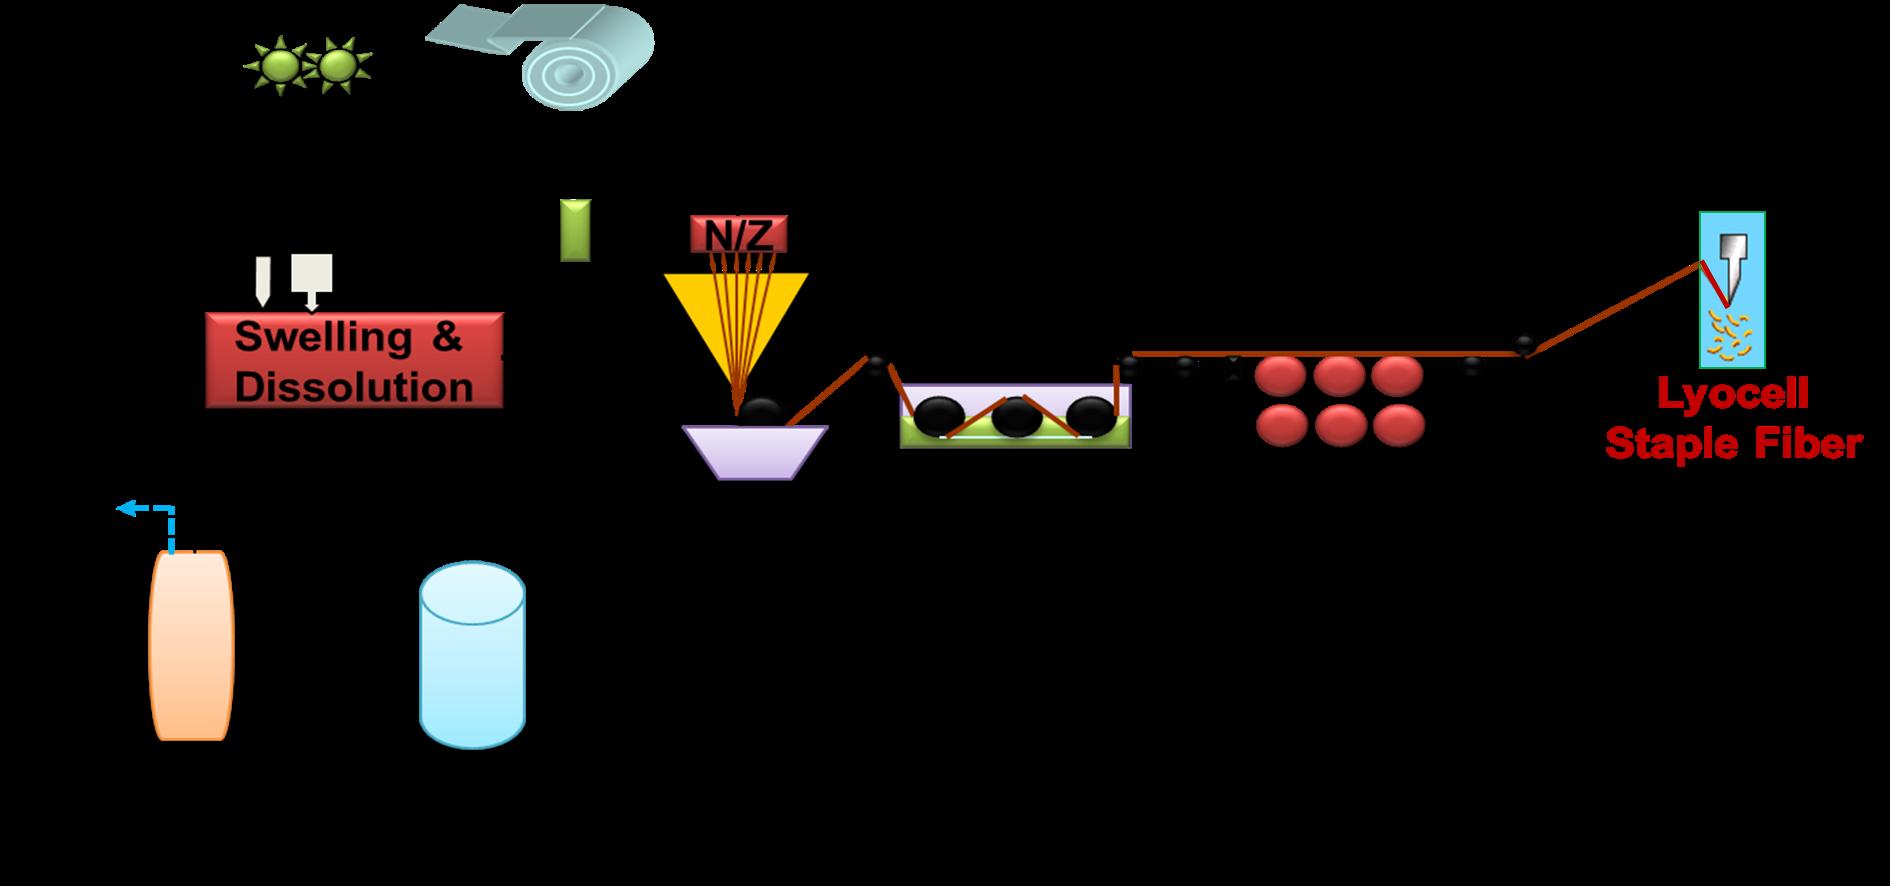 Lyocell Fiber1